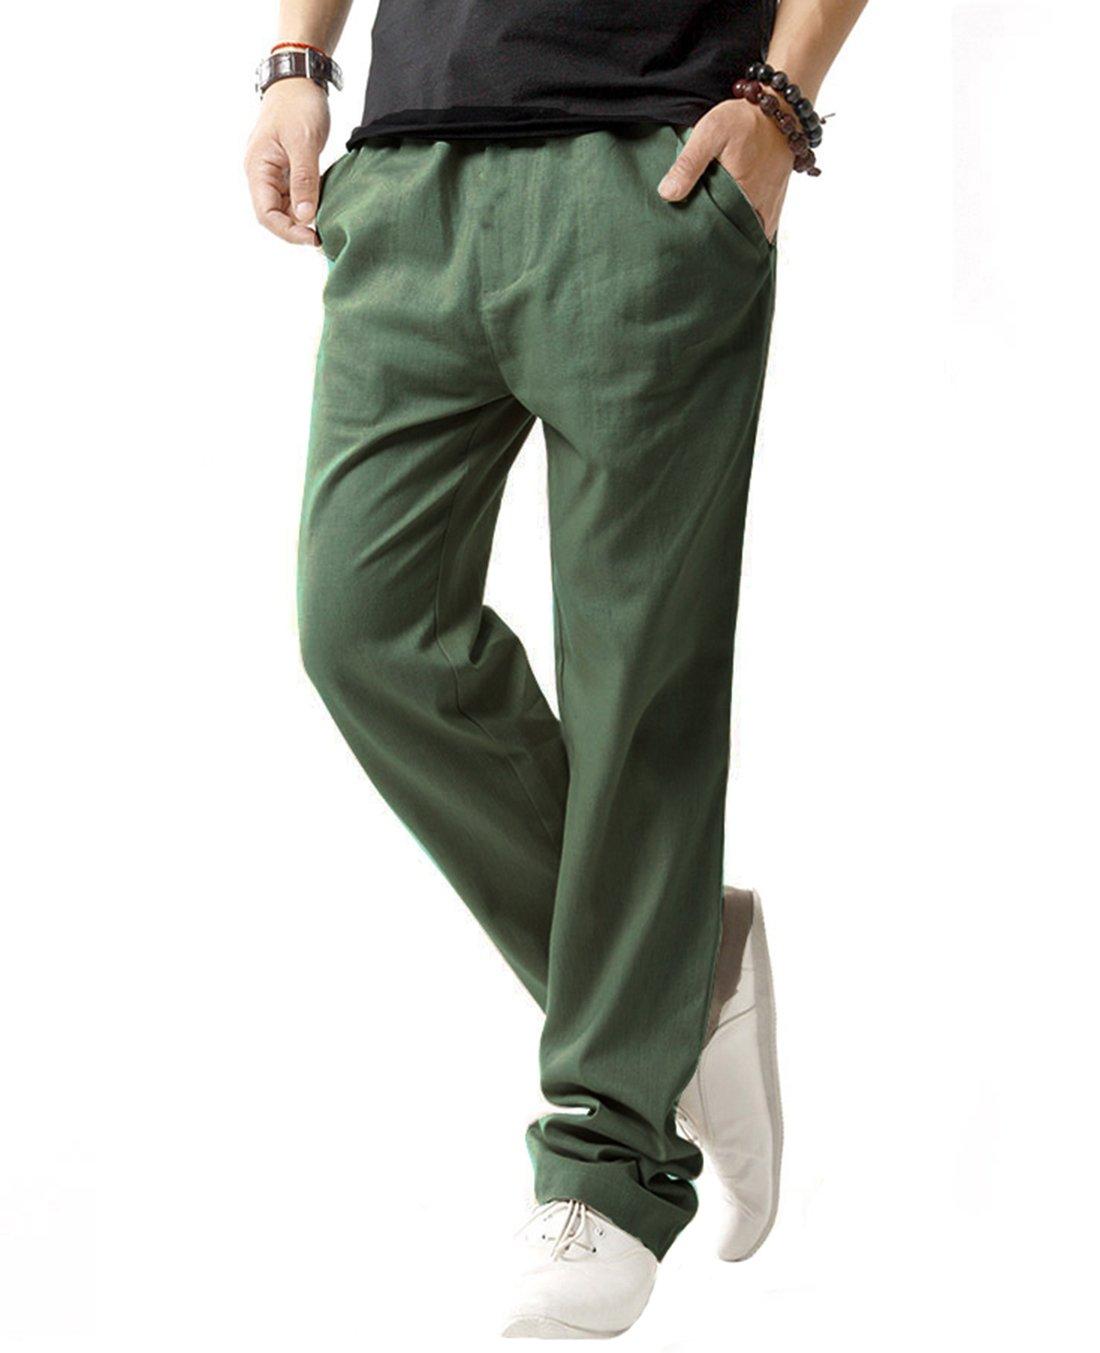 SIR7 Men's Linen Casual Lightweight Drawstrintg Elastic Waist Summer Beach Pants Army Green XL